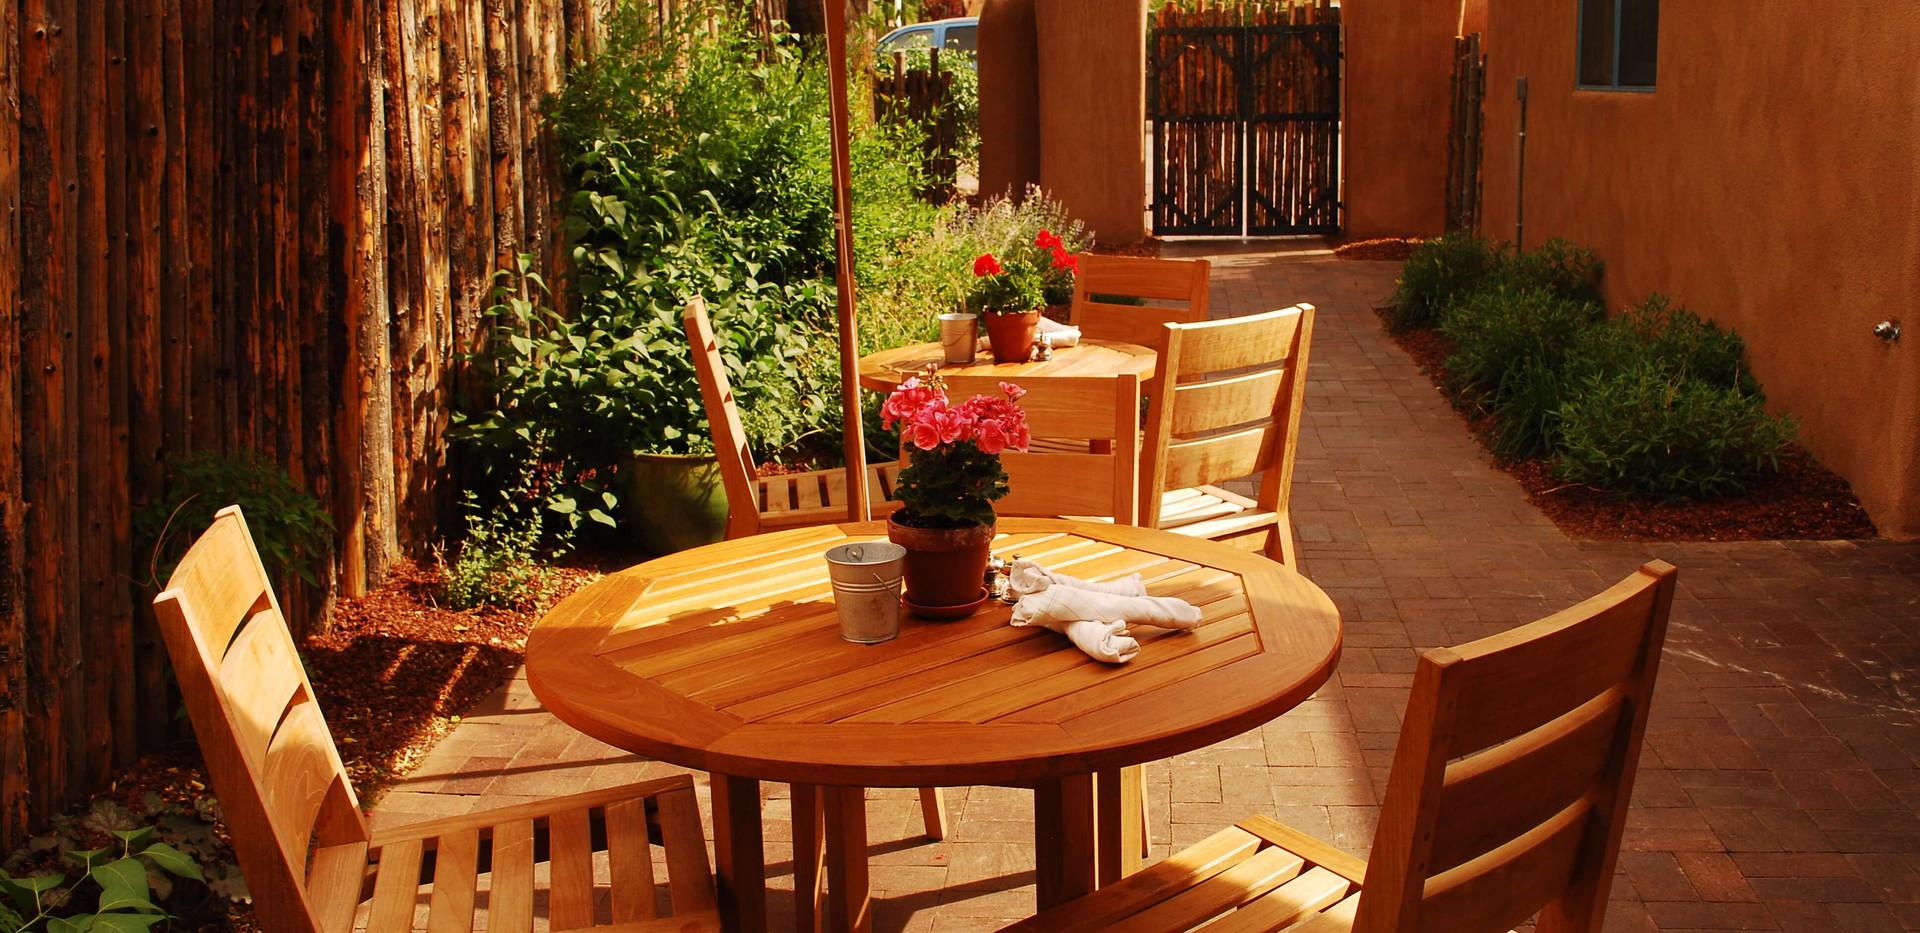 Santa Fe Outdoor Dining